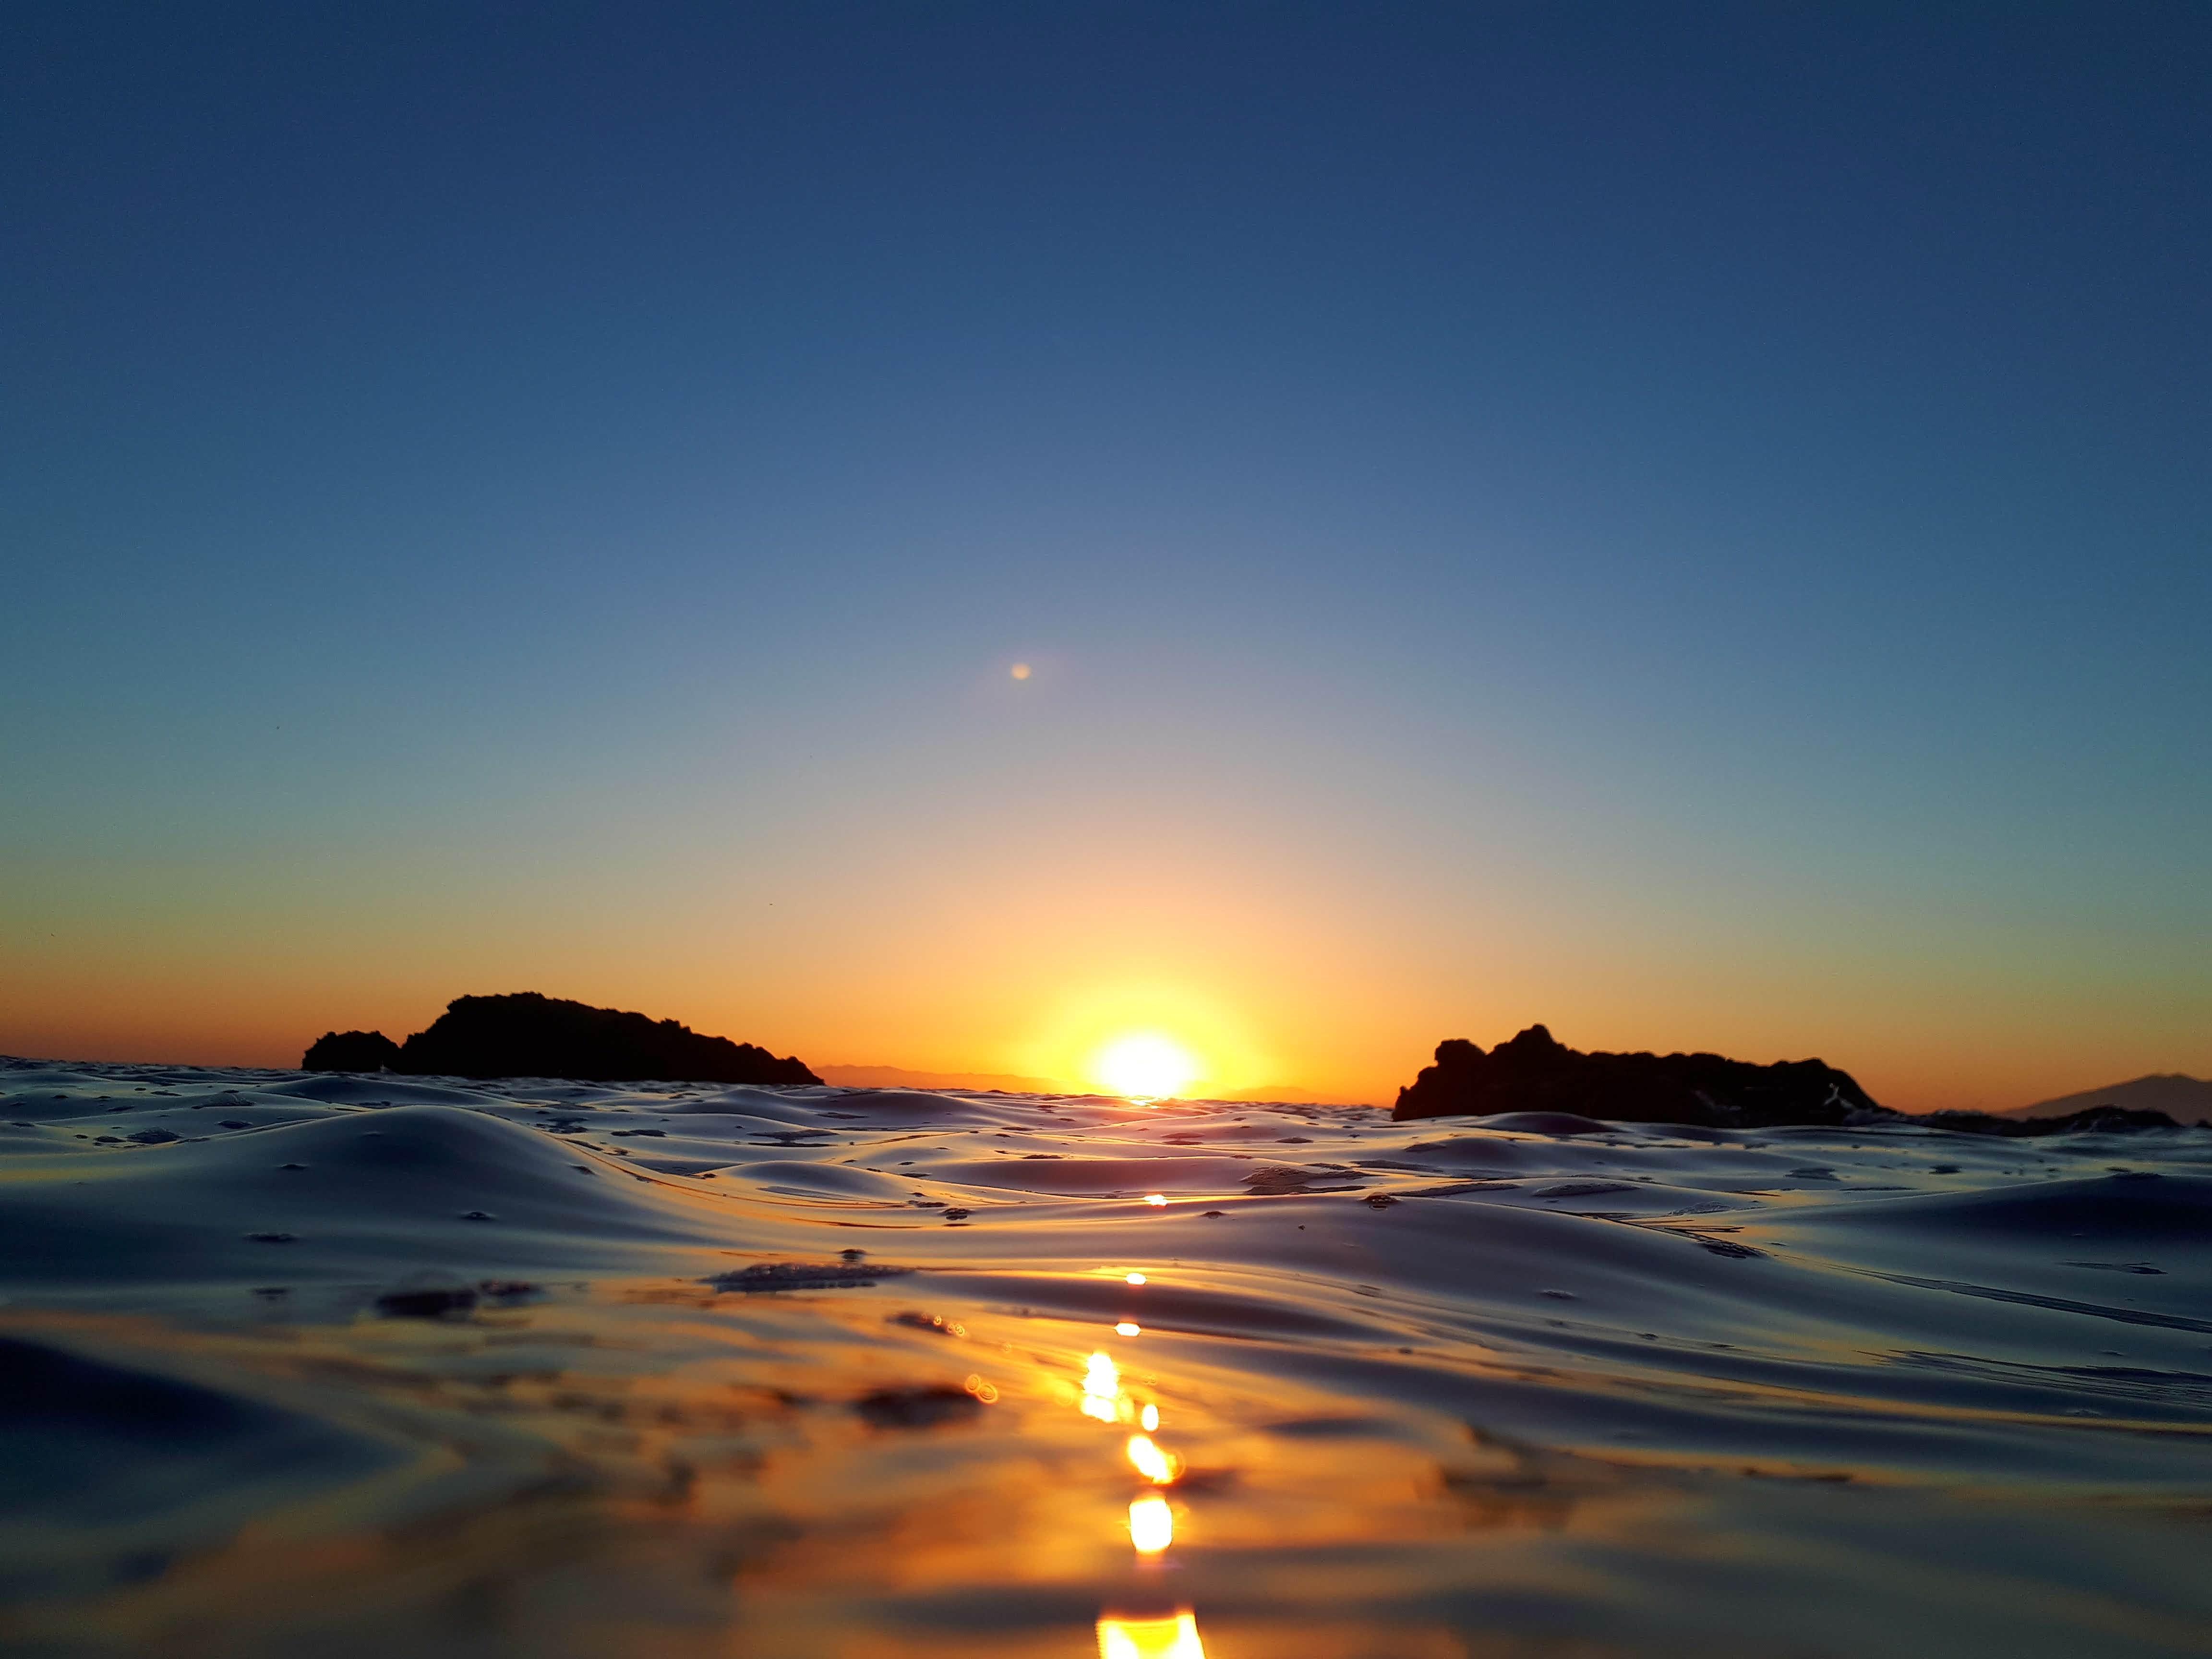 Unduh 57+ Wallpaper Pemandangan Pantai Sore Hari Gratis Terbaik